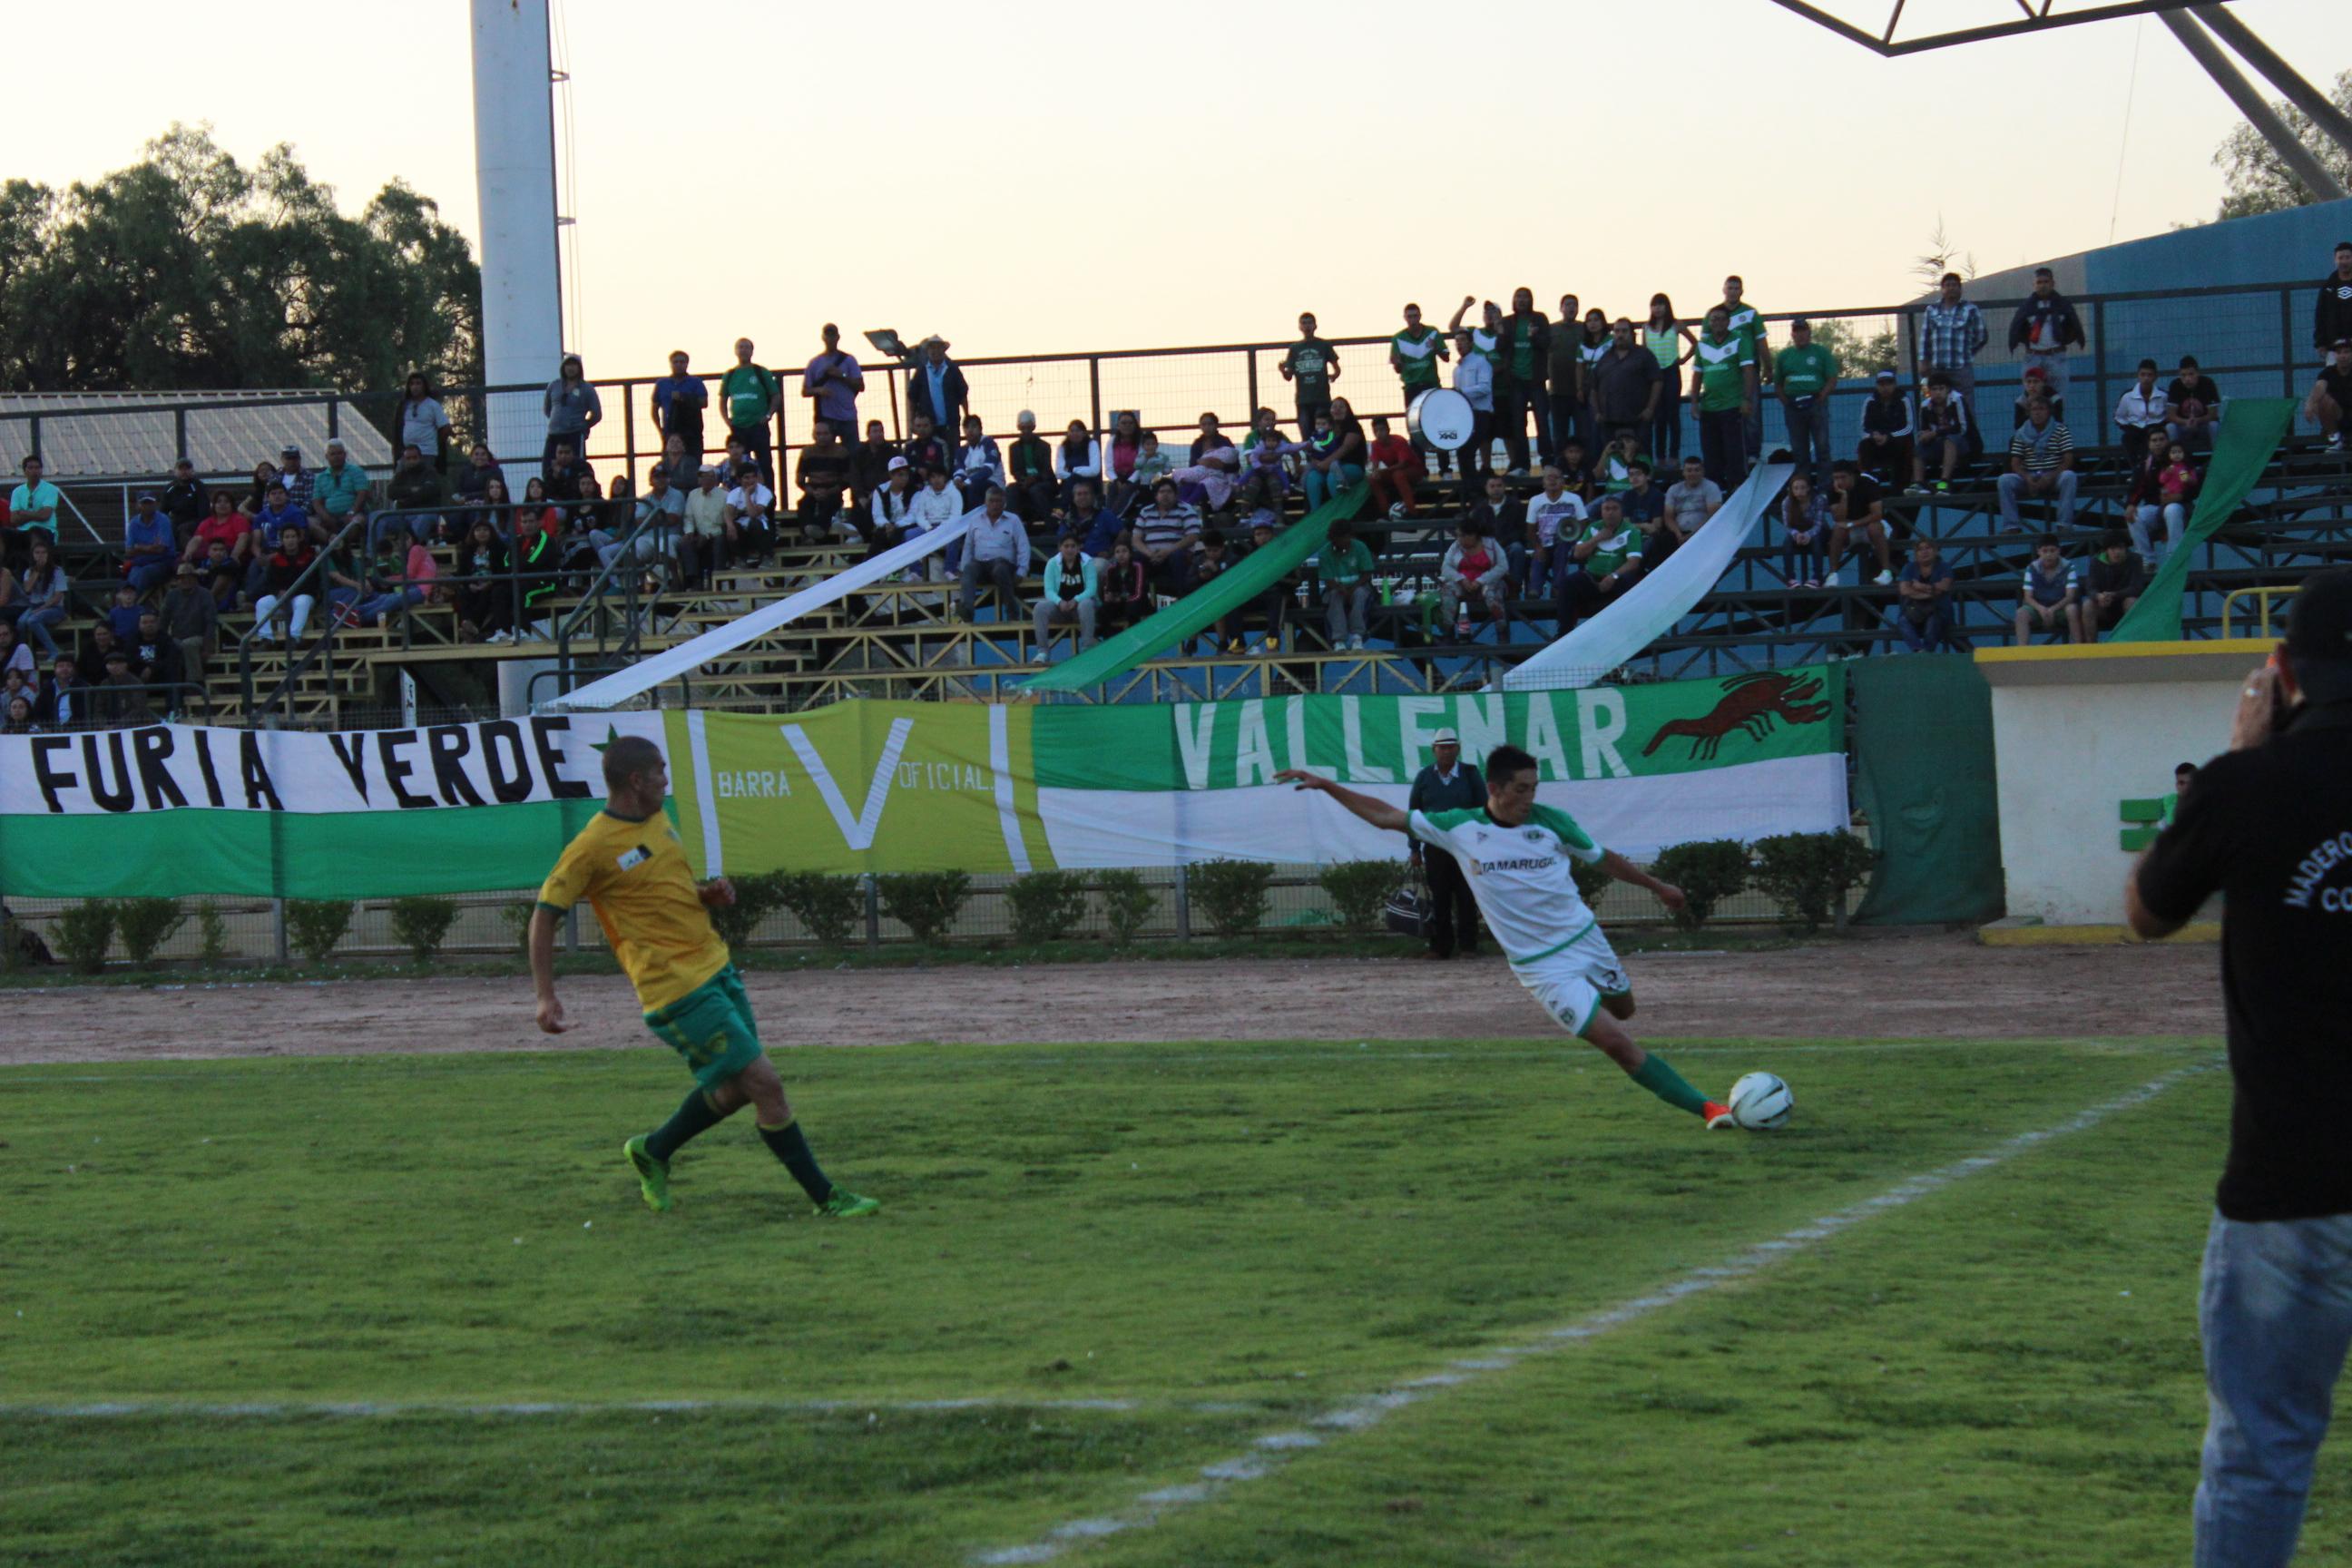 Deportes Vallenar inicia preparación con amistoso para Tercera A